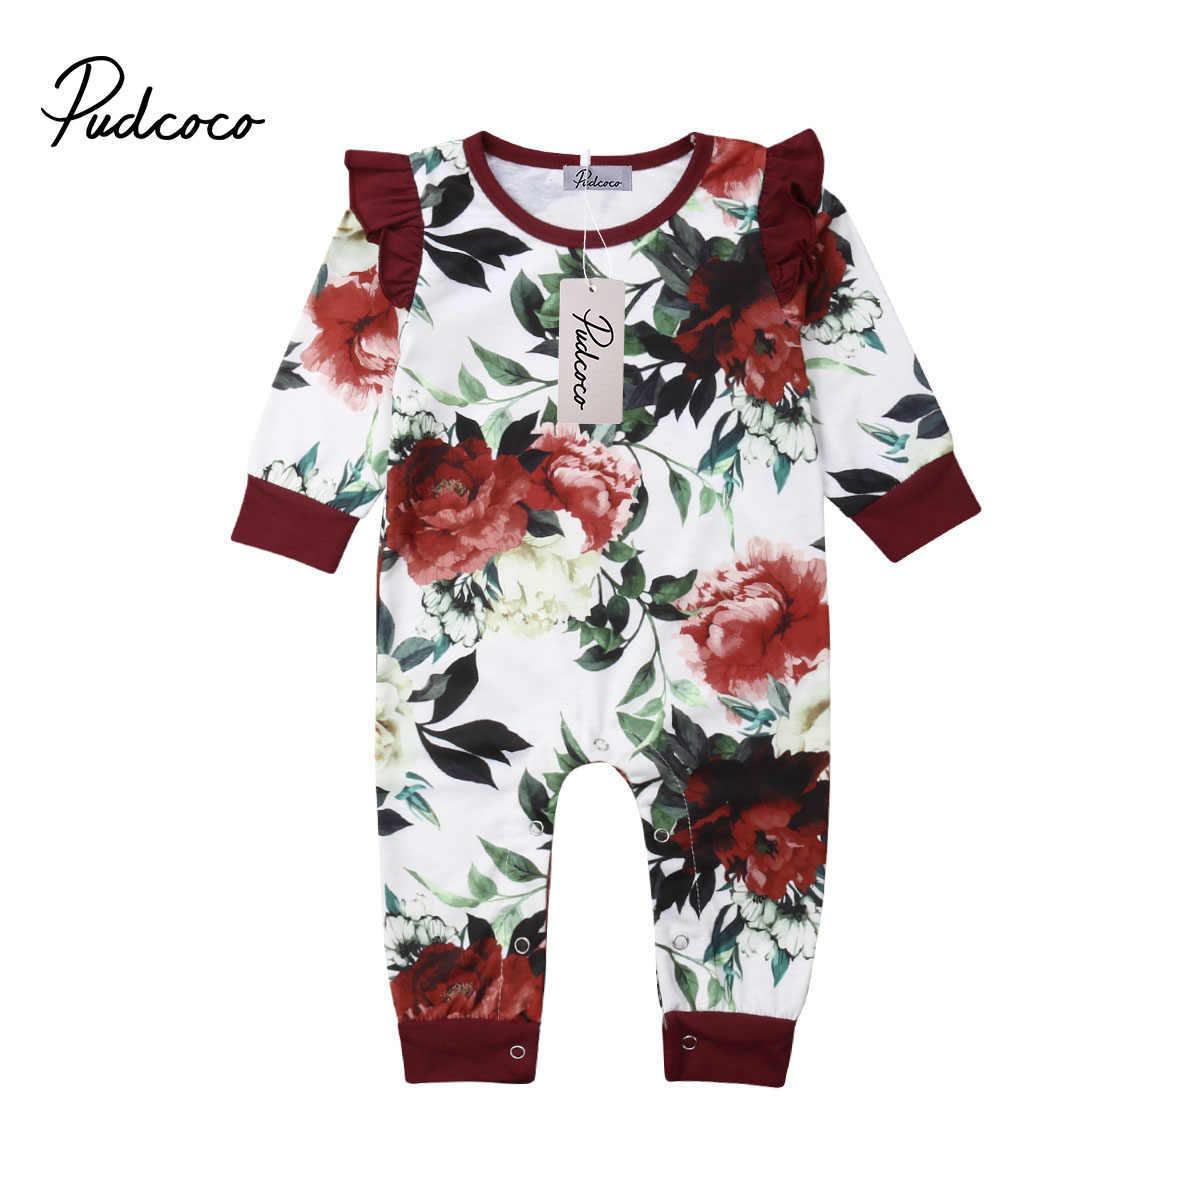 חורף תינוקת Rompers אופנה אביב יילוד תינוק בגדי בנות ארוך שרוול ילדים בני סרבל תינוק בנות תלבושות בגדים